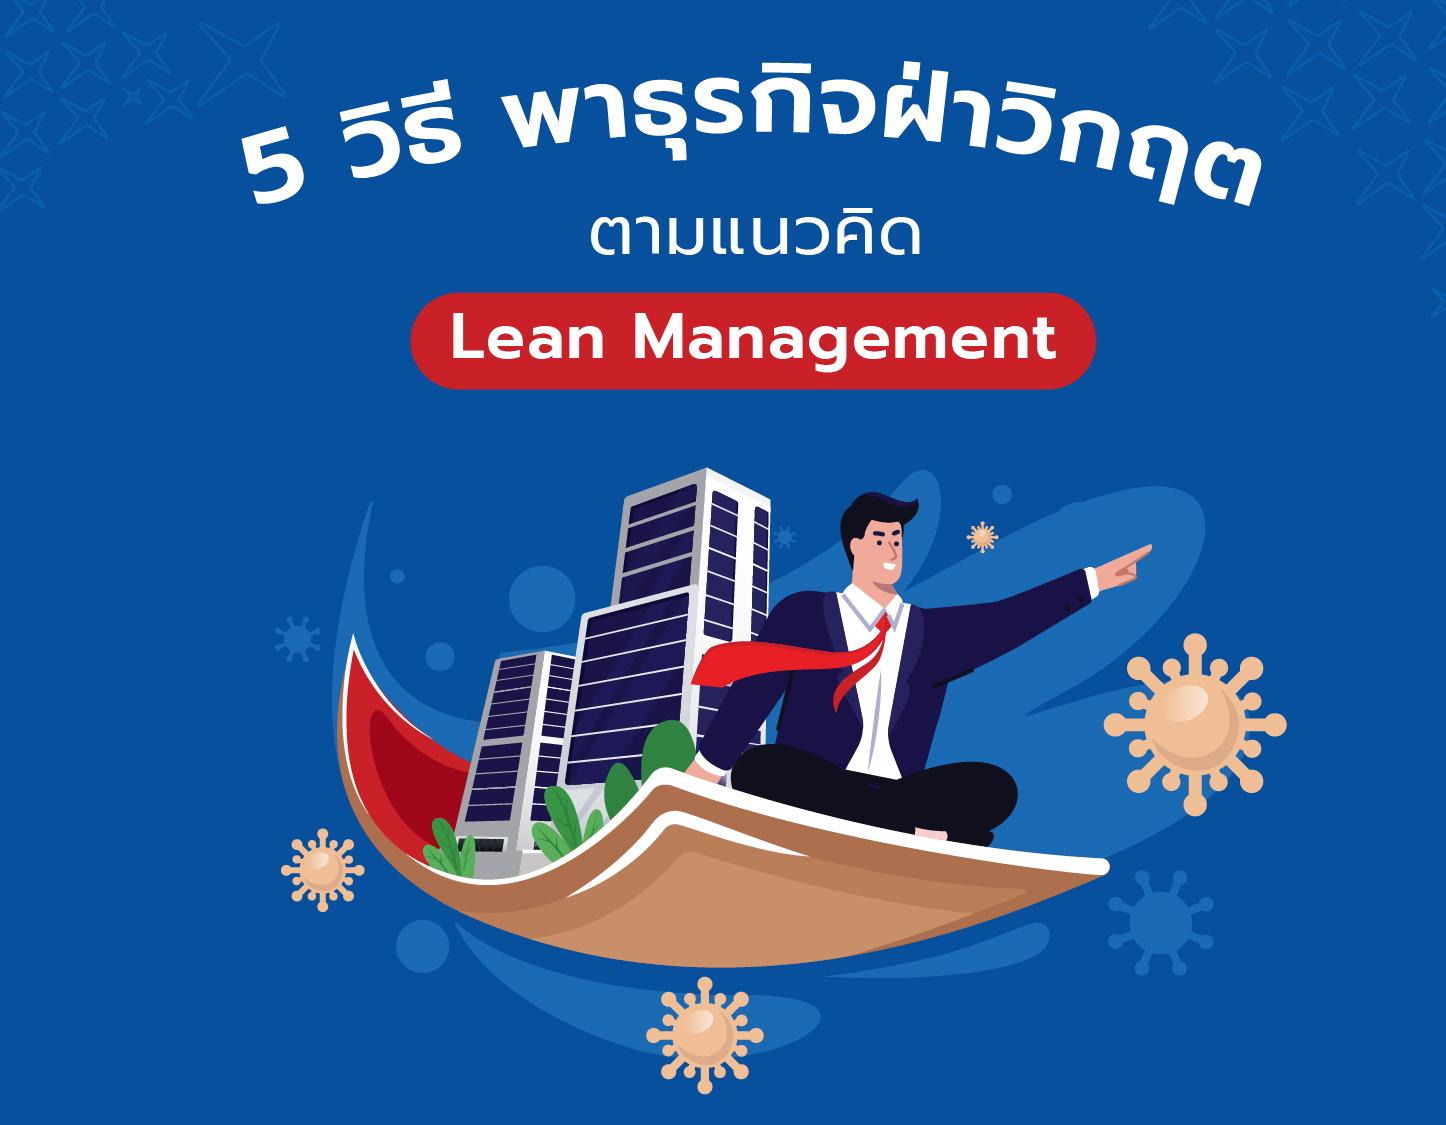 5 วิธี พาธุรกิจฝ่าวิกฤตตามแนวคิด Lean Management